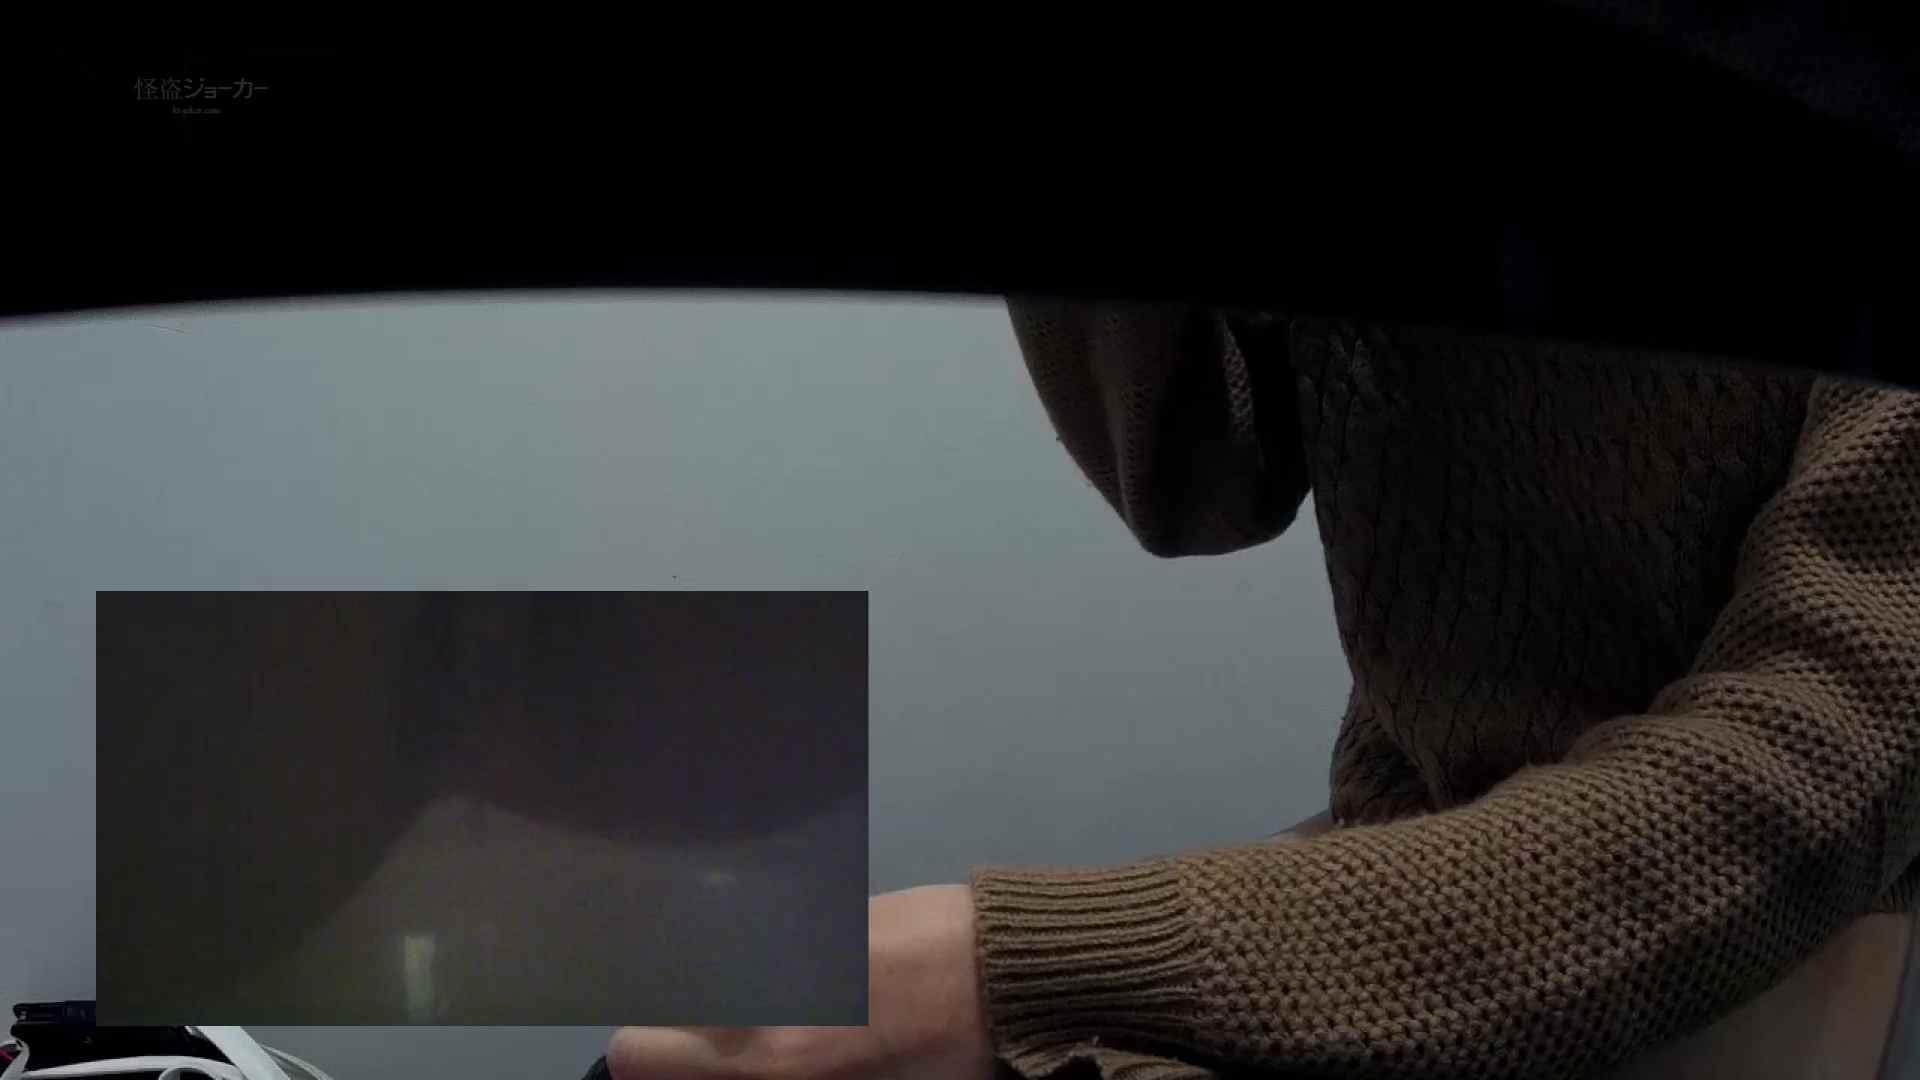 有名大学女性洗面所 vol.54 設置撮影最高峰!! 3視点でじっくり観察 丸見えマンコ   潜入  90画像 33